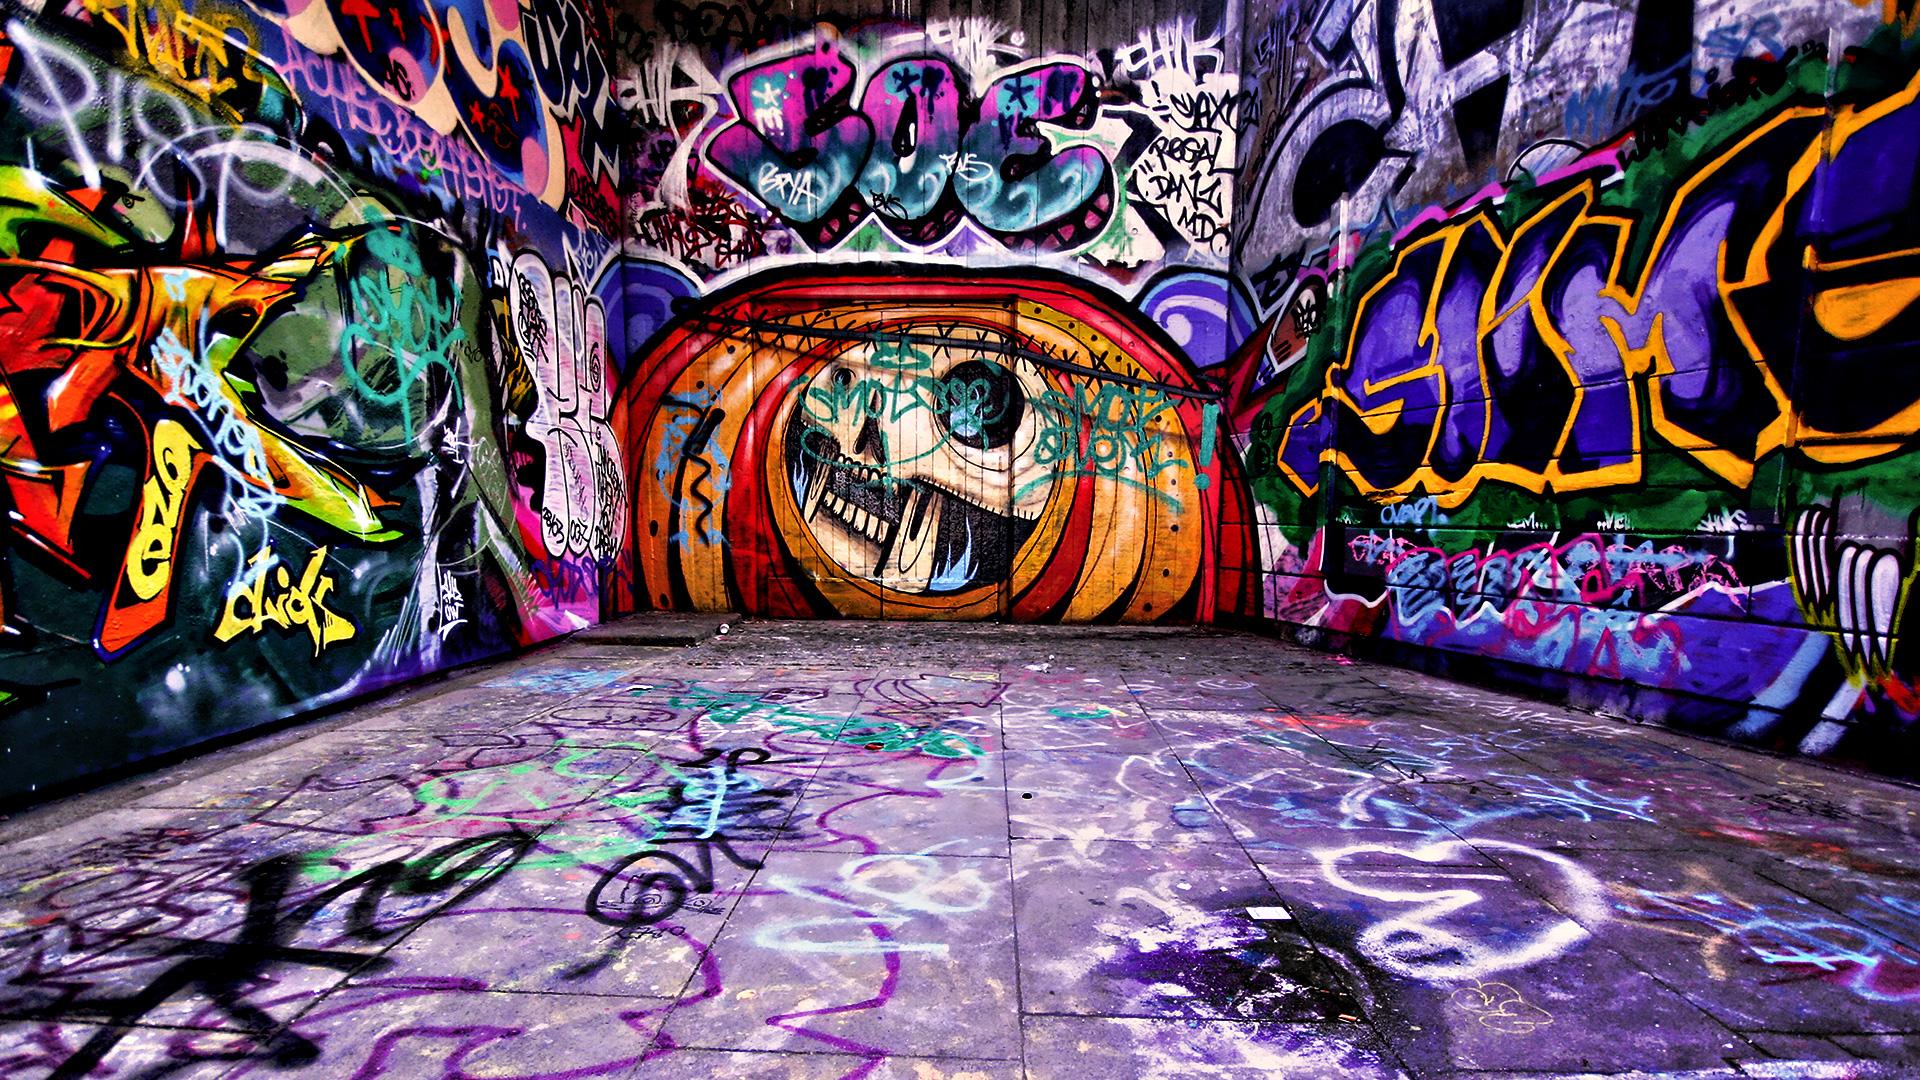 Graffiti room Wallpaper HD Wallpaper Graffiti 20556 high quality 1920x1080